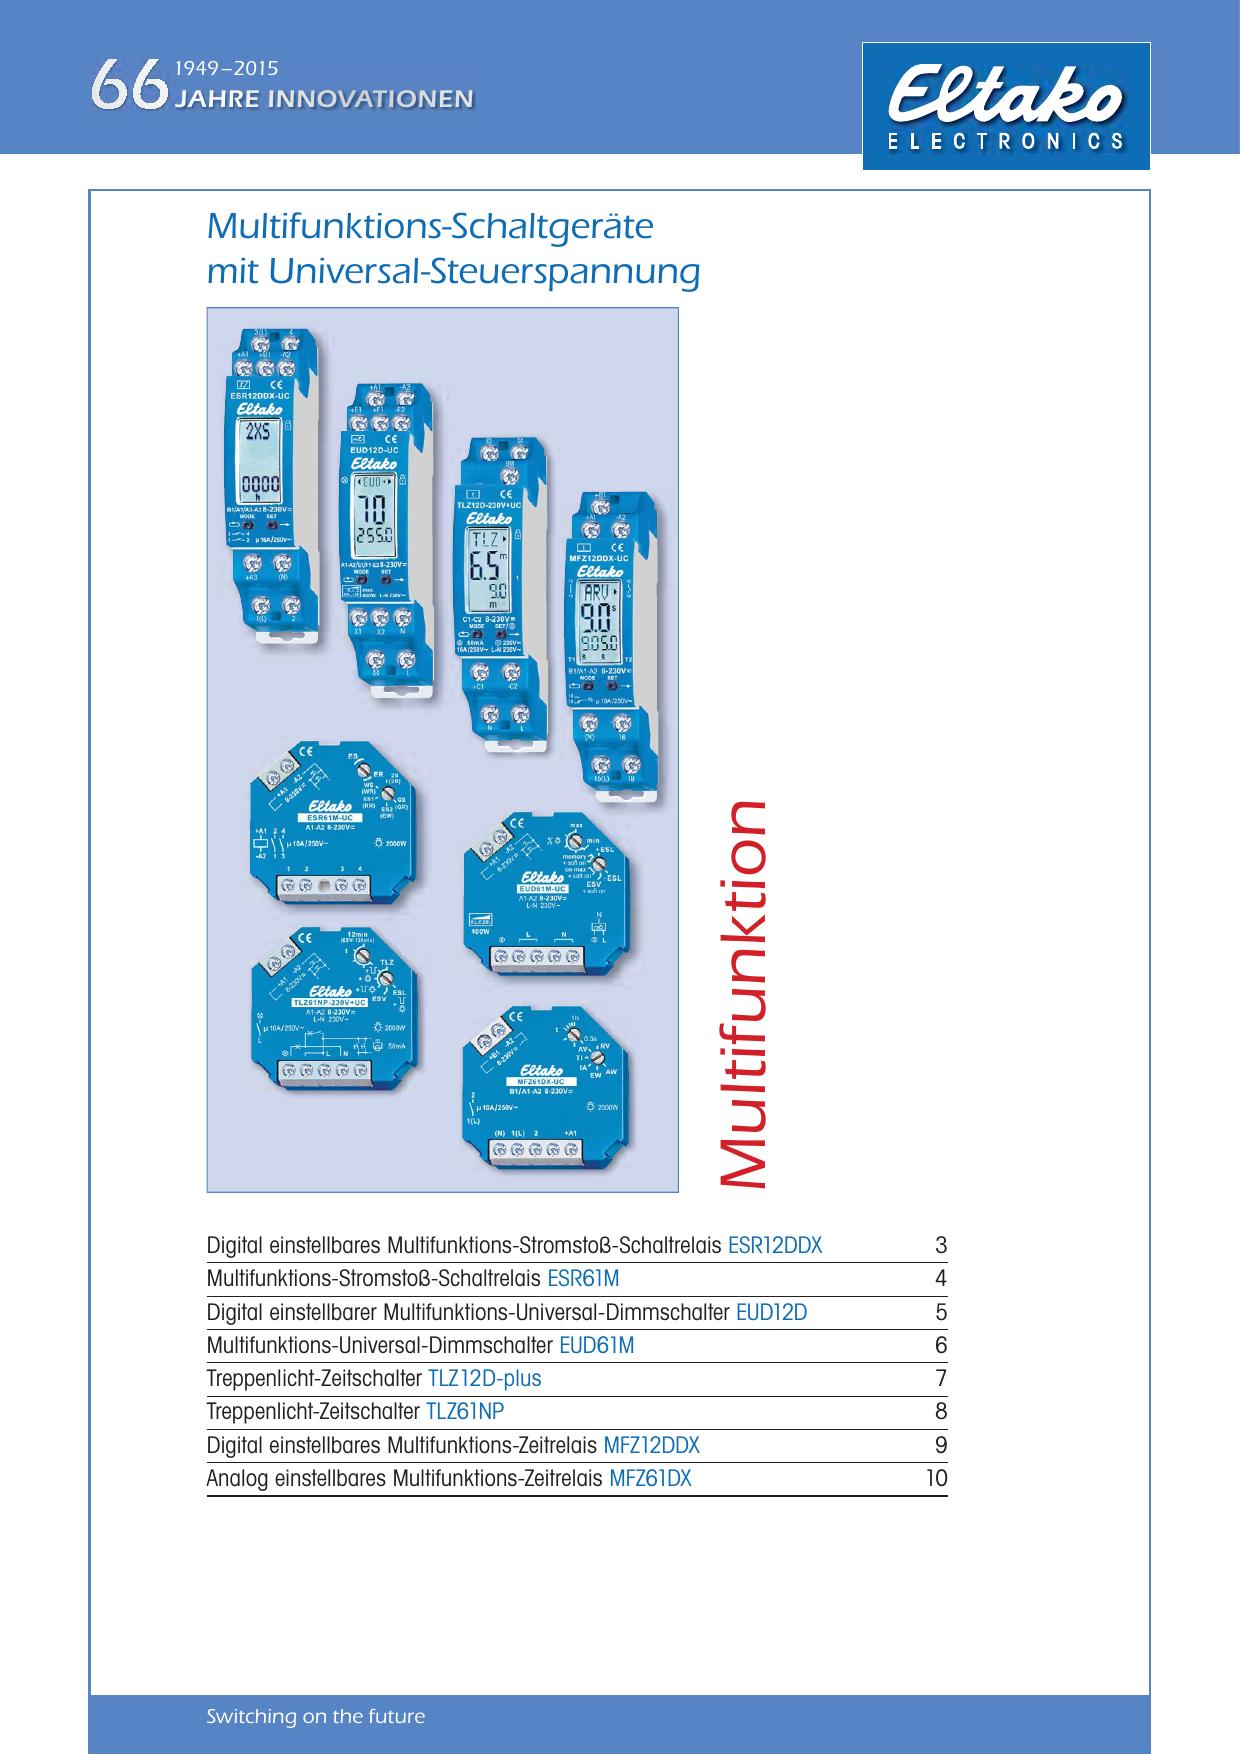 Schaltrelais Eltako Reiheneinbaugeräte zb Zeitschalter Auswahl